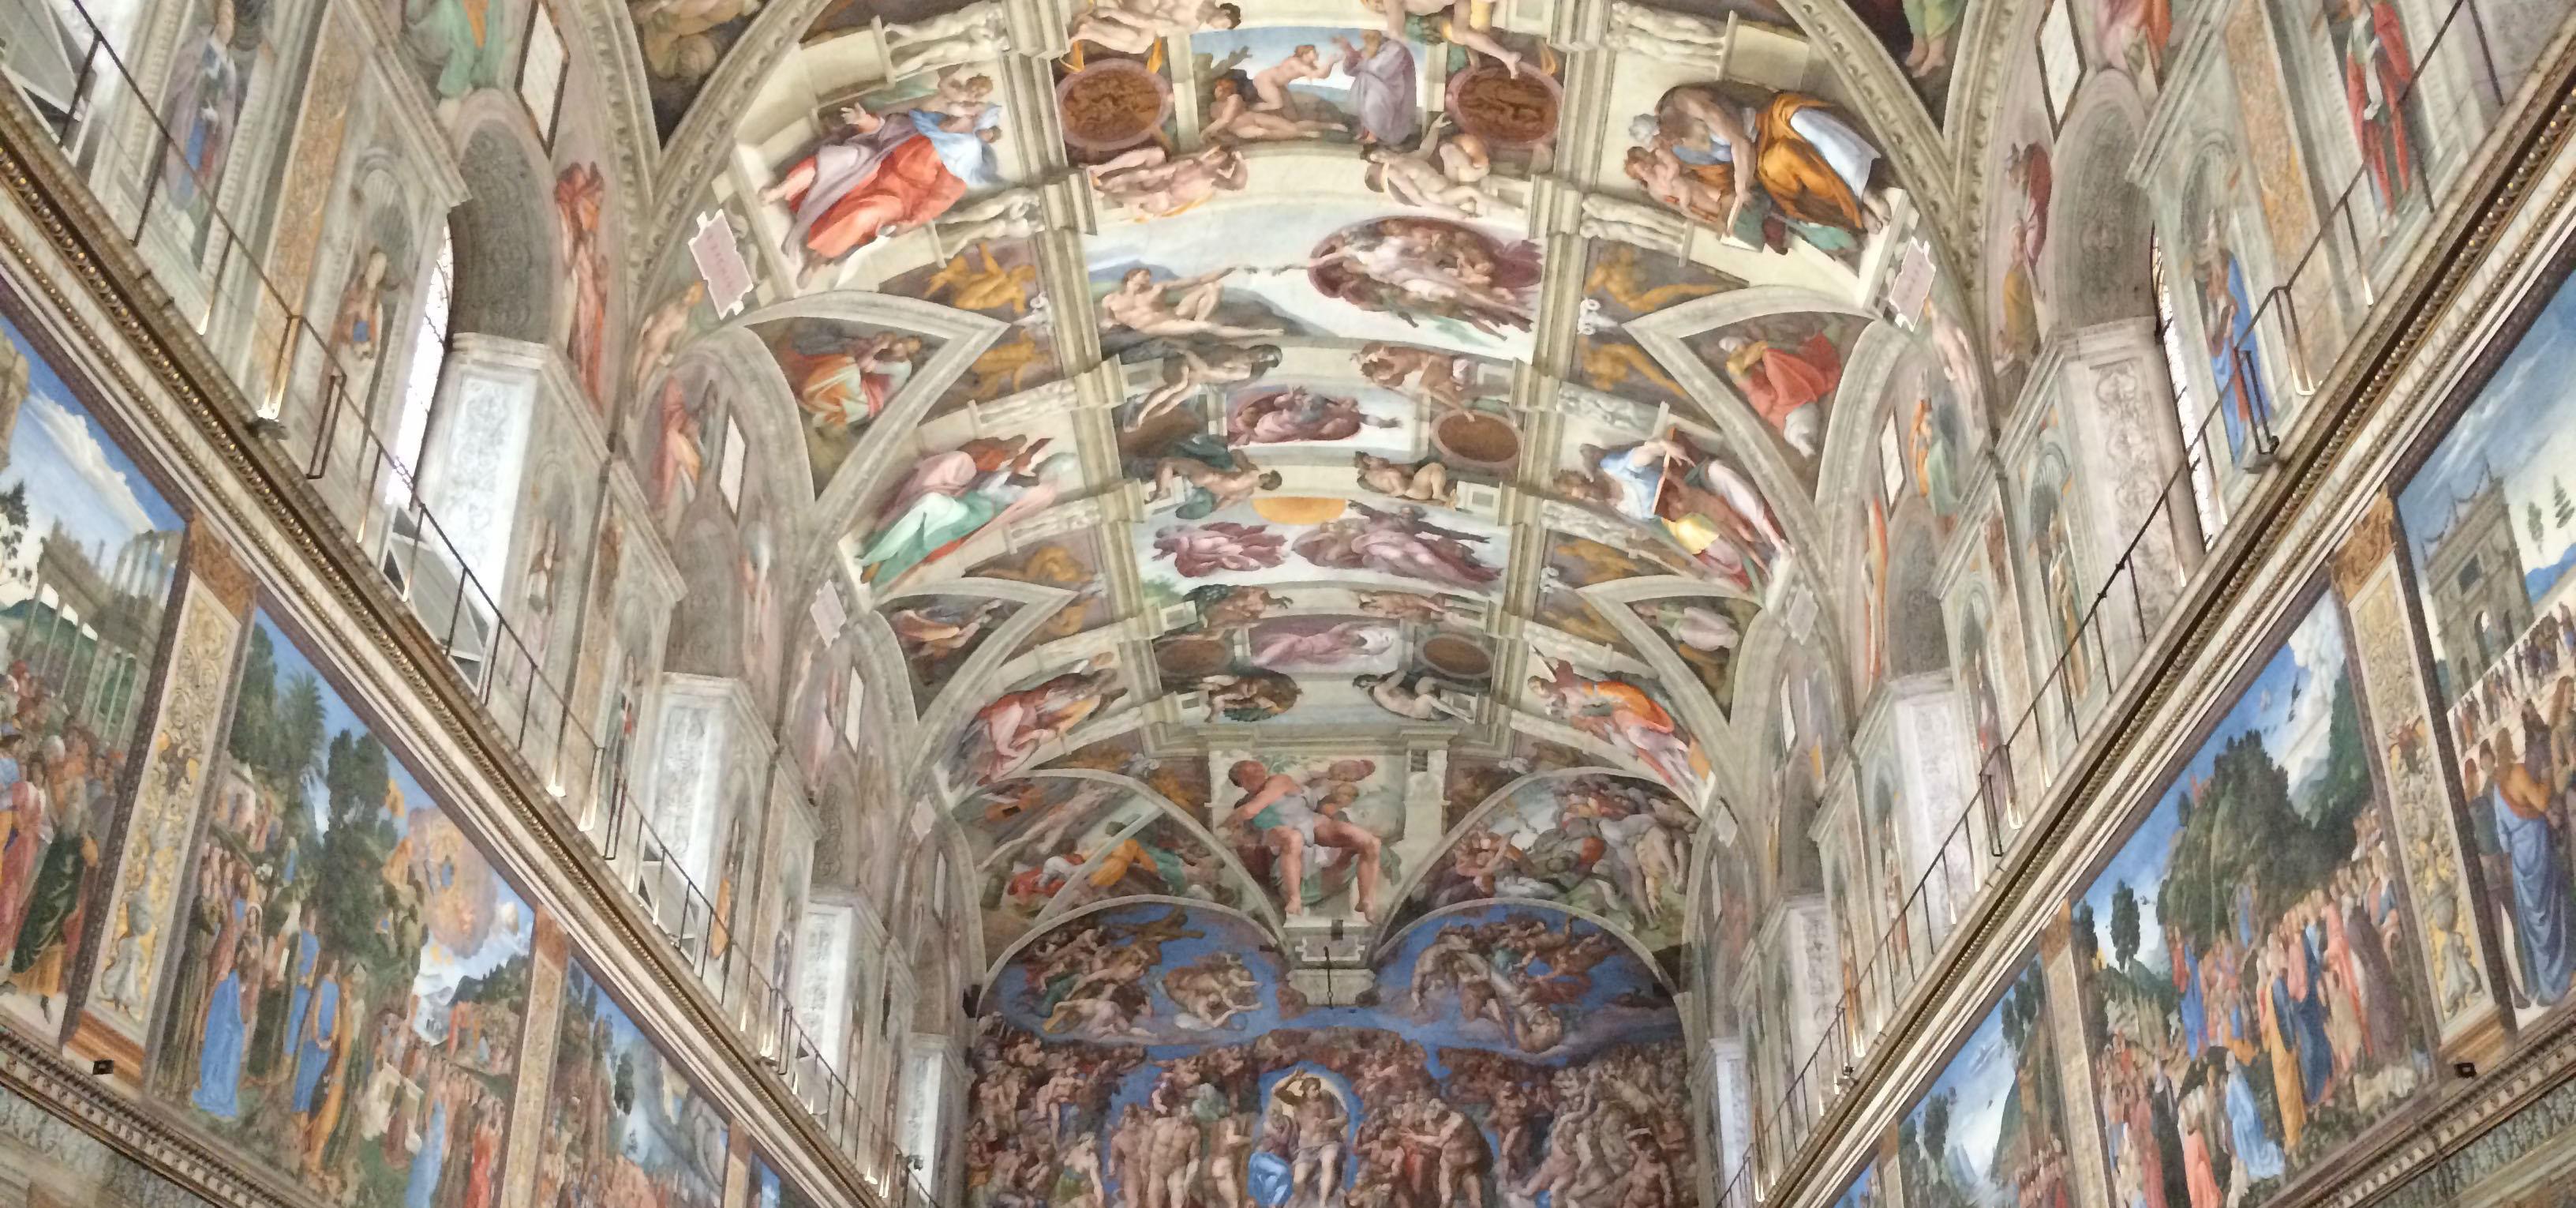 Culture of Vatican City